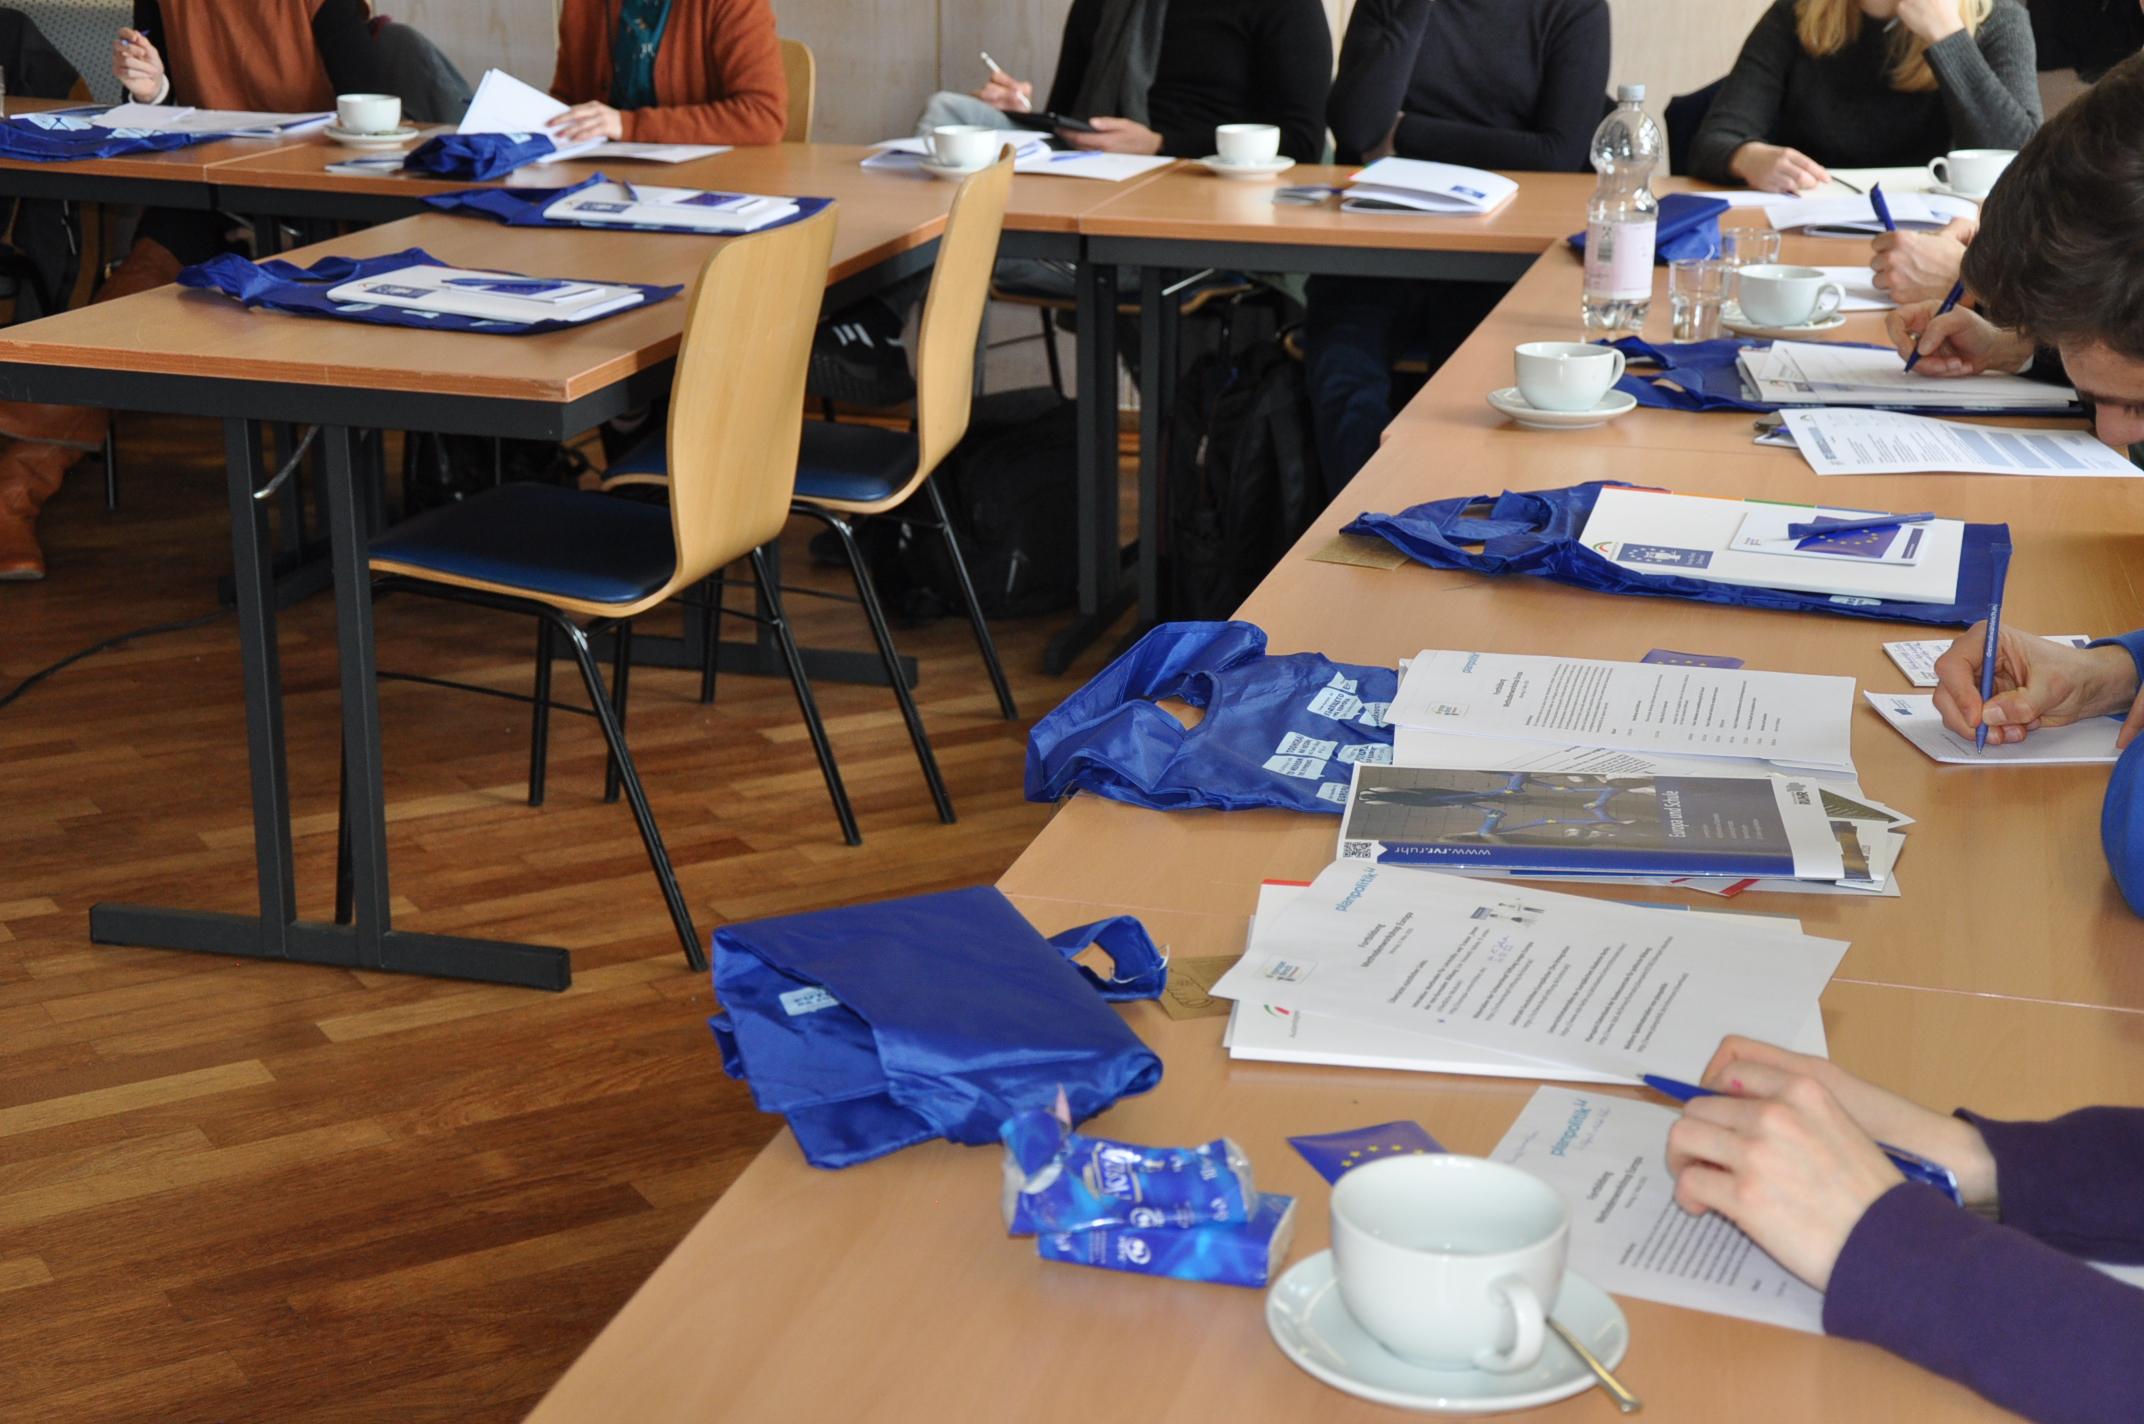 20_03_09 FoBi Lehrkräfte